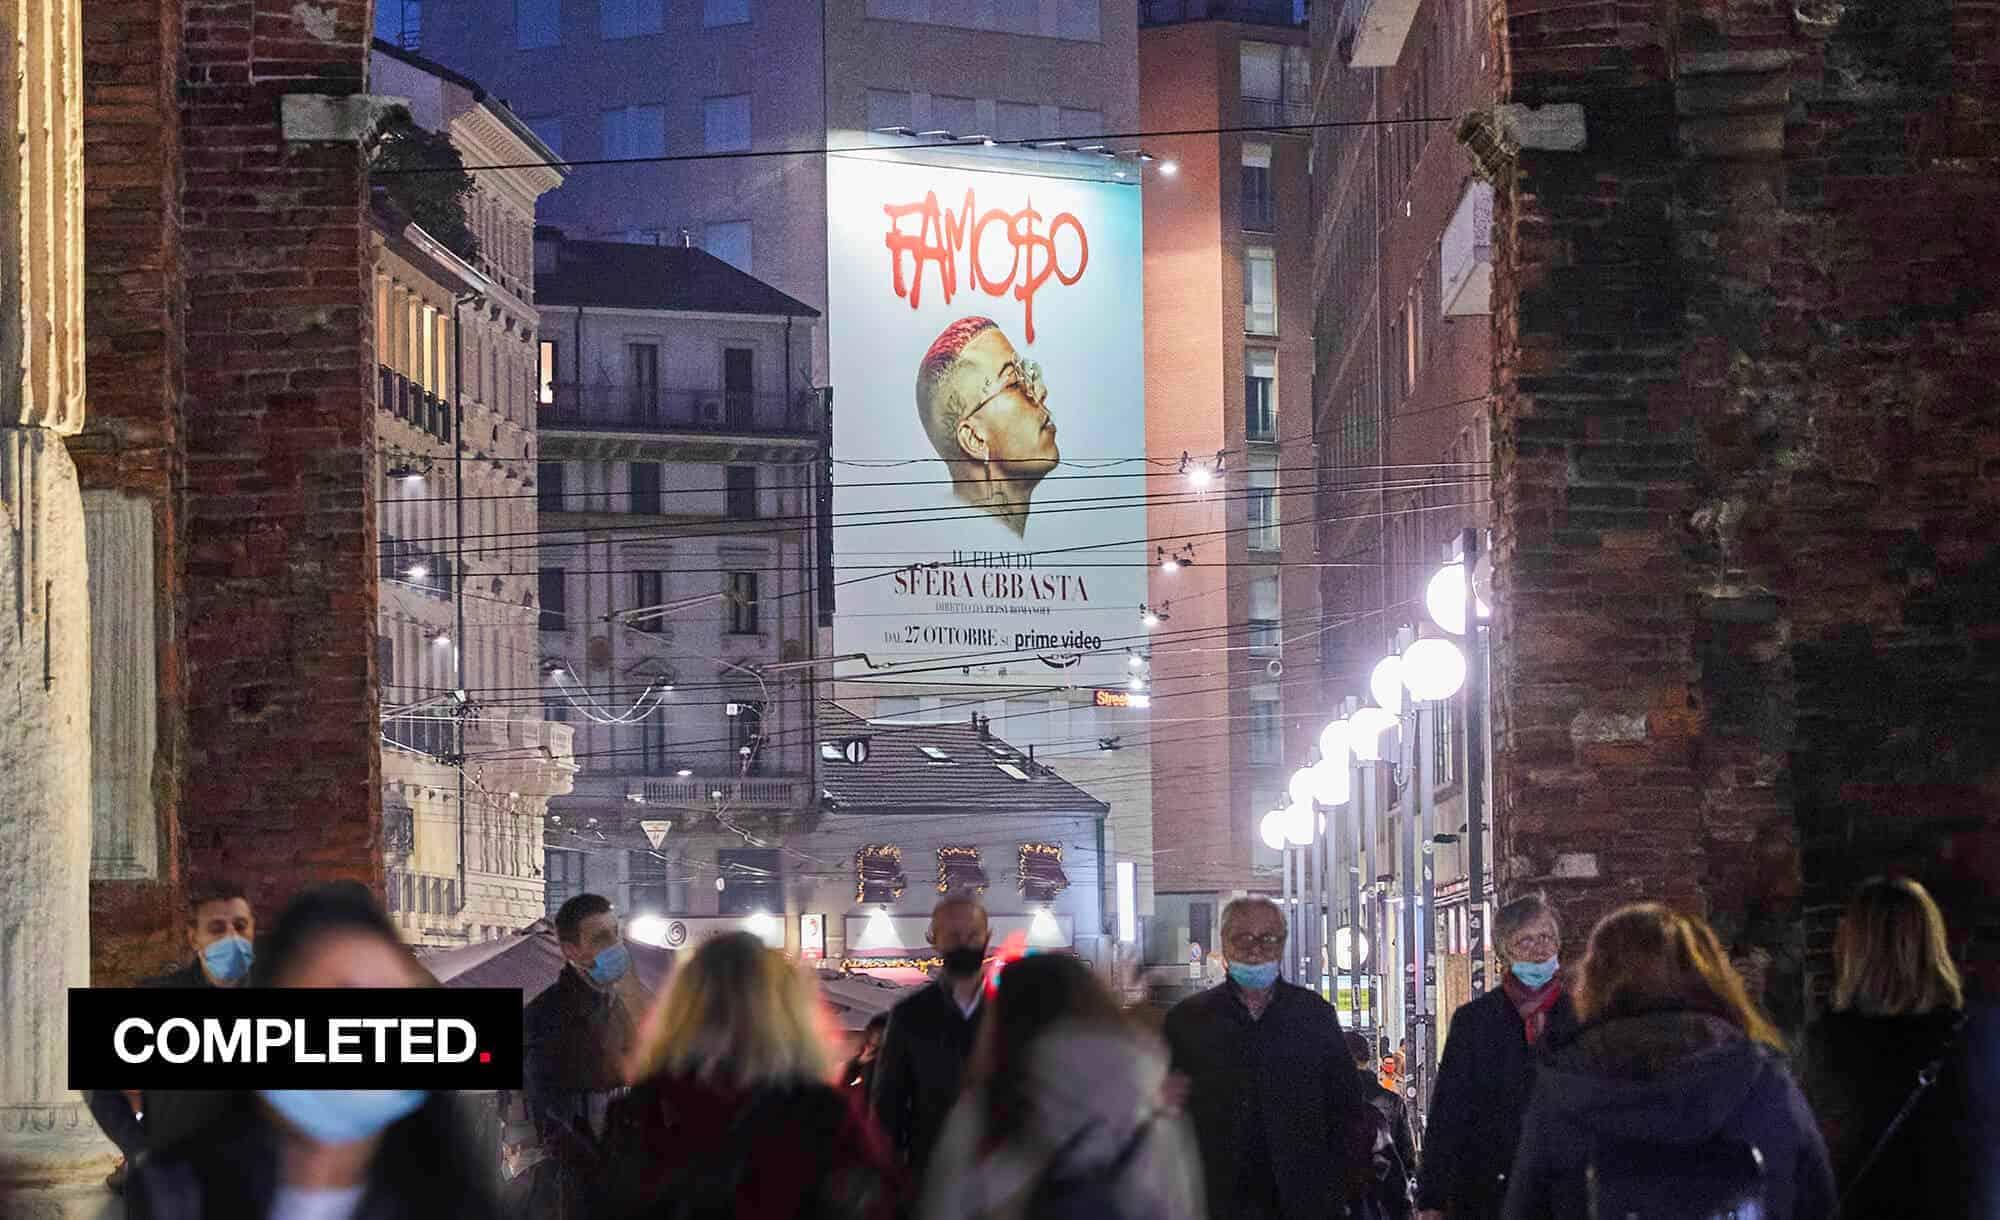 Maxi Affissione a Milano in Largo Carrobbio con Amazon Prime Video e Sfera Ebbasta (Entertainment)